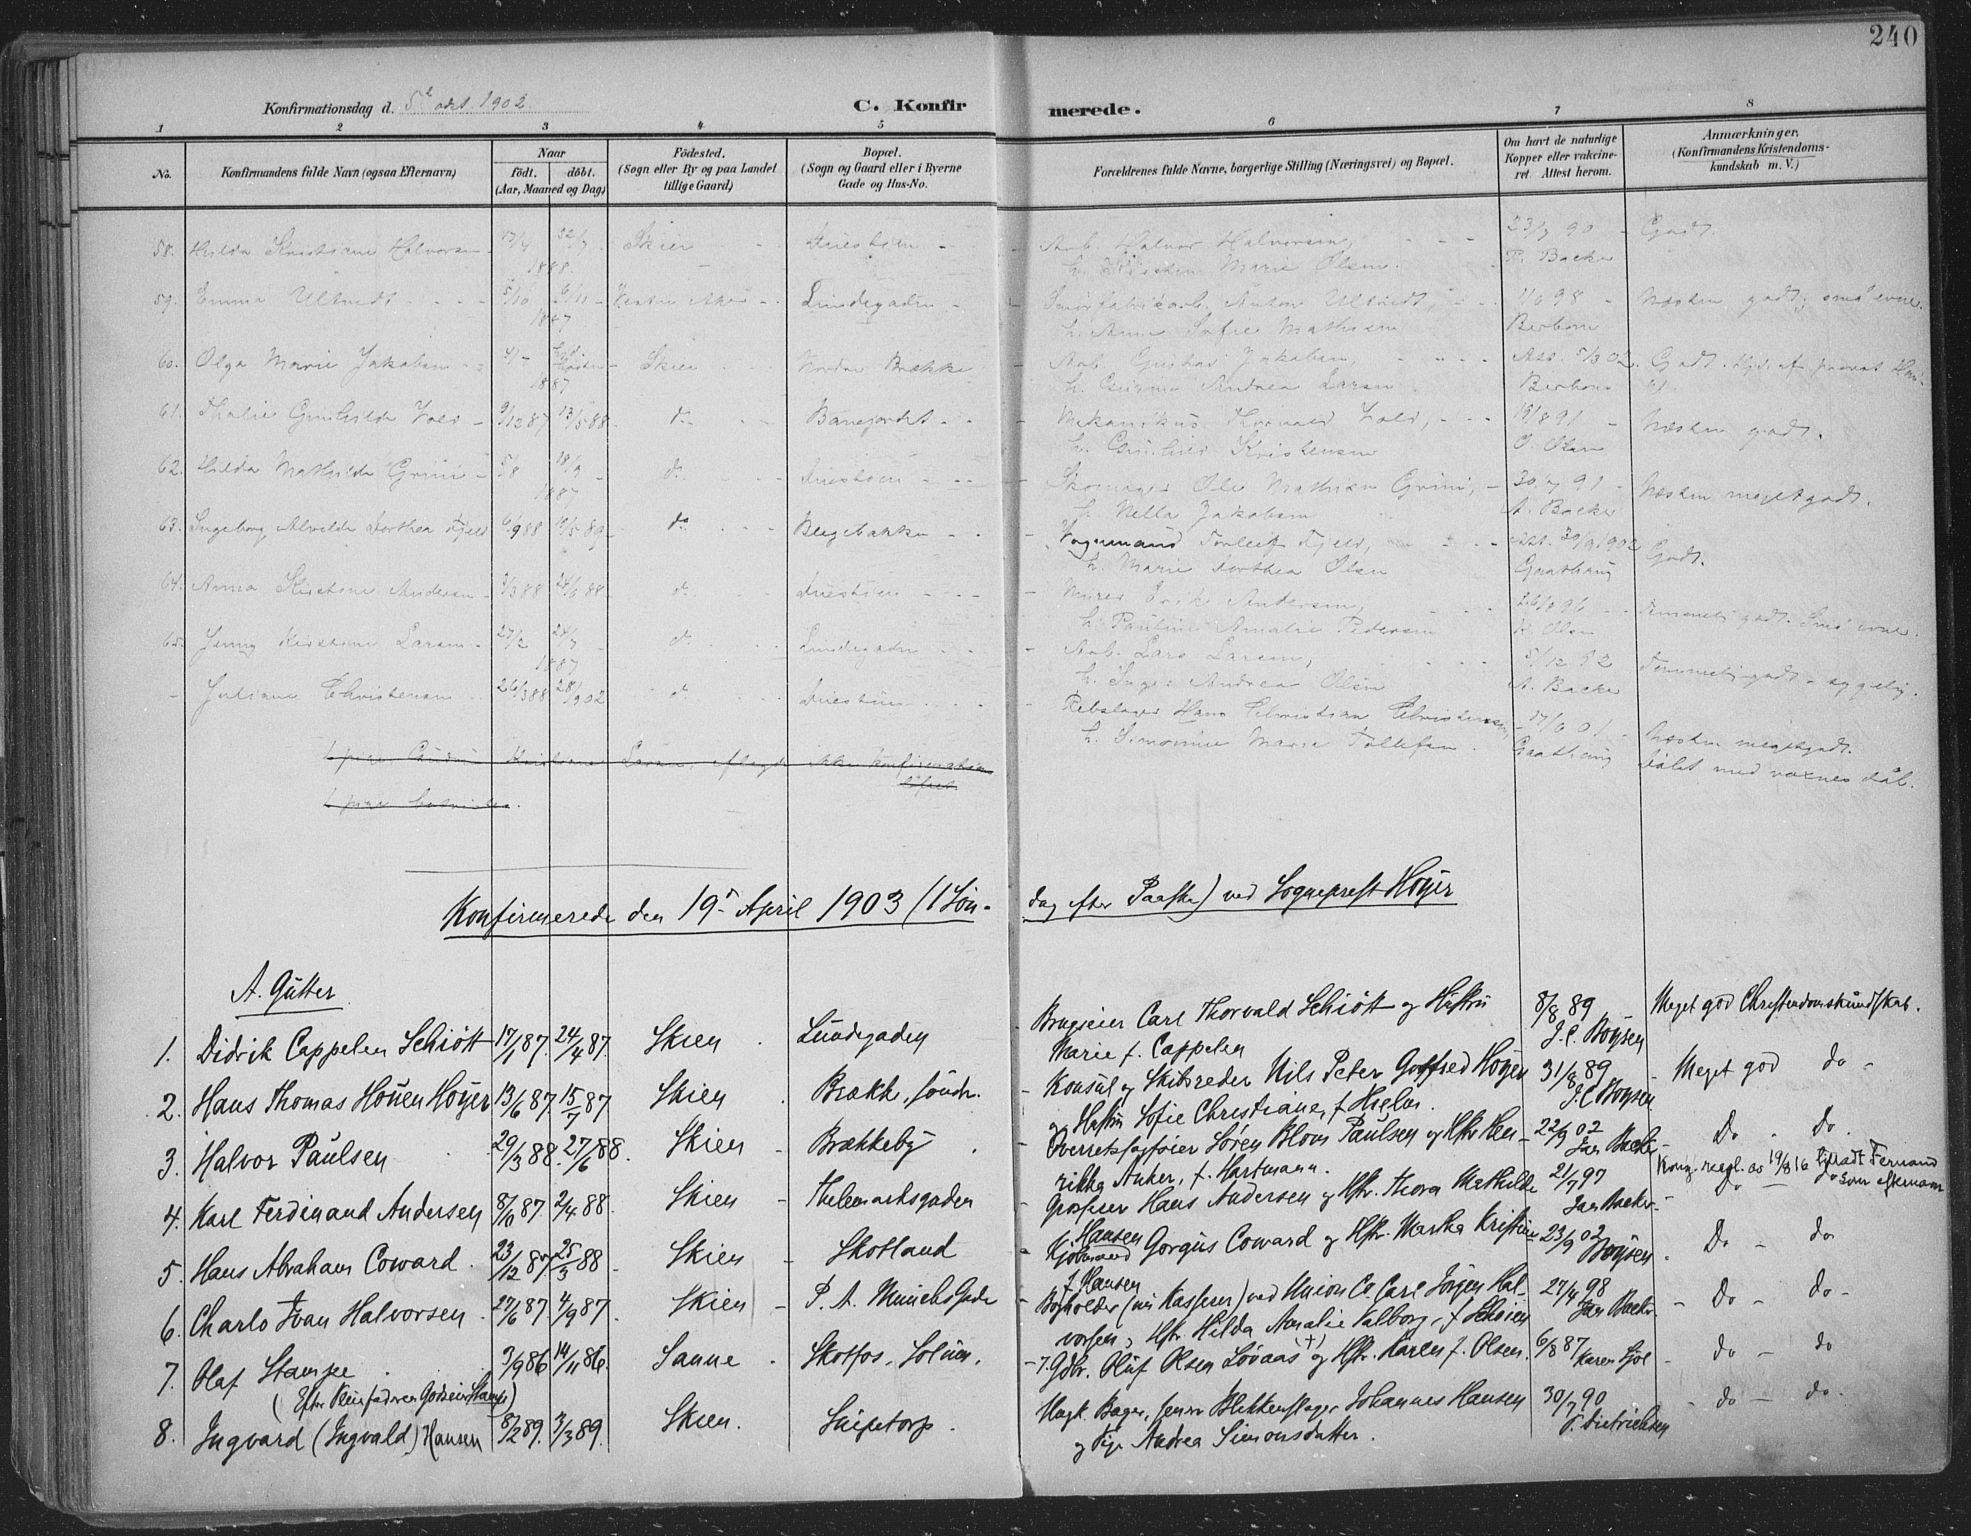 SAKO, Skien kirkebøker, F/Fa/L0011: Ministerialbok nr. 11, 1900-1907, s. 240